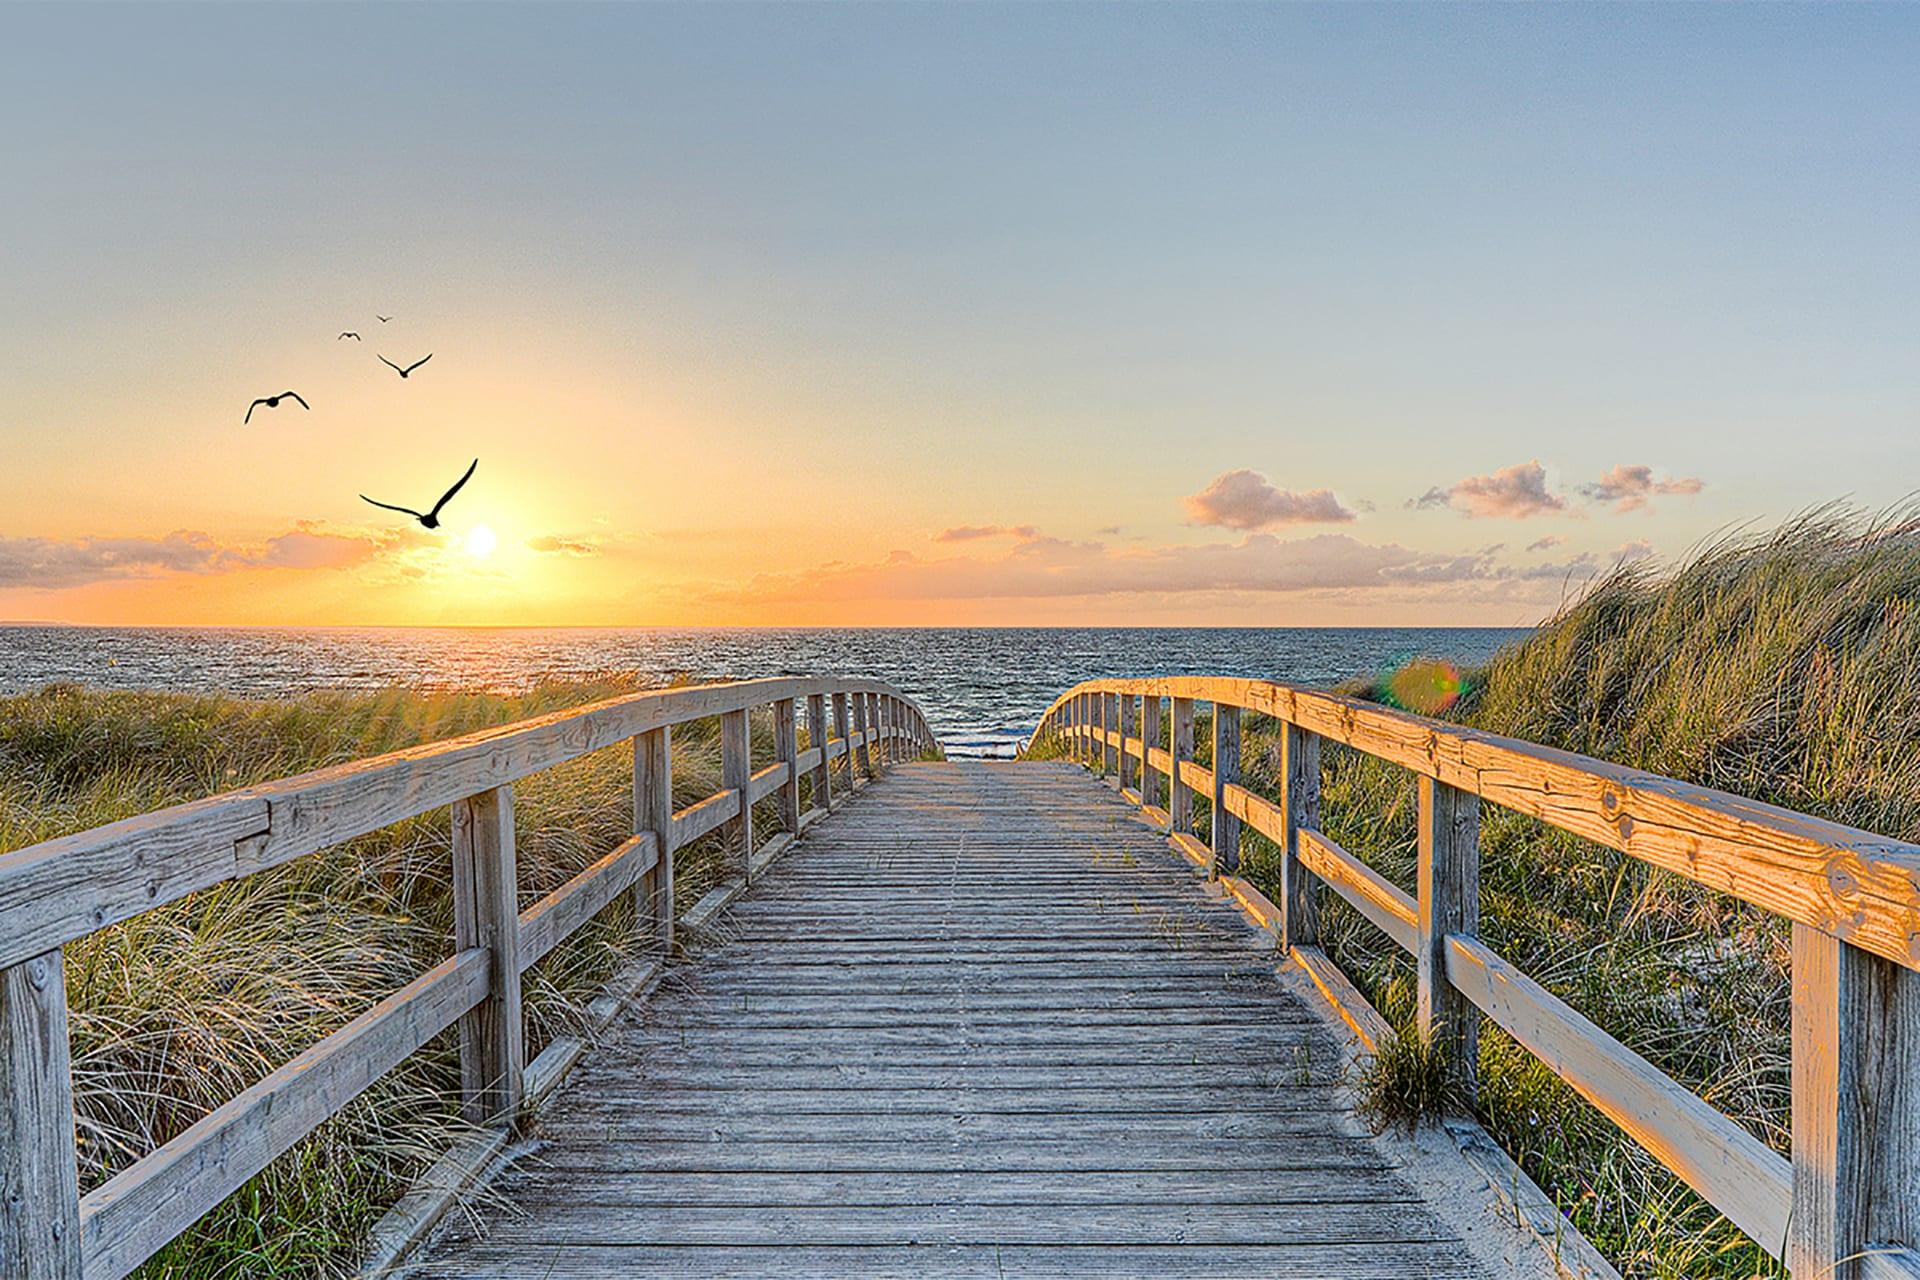 Holzbrücke die zum Meer führt. Sonnenuntergang im Hintergrund | vor der Retusche